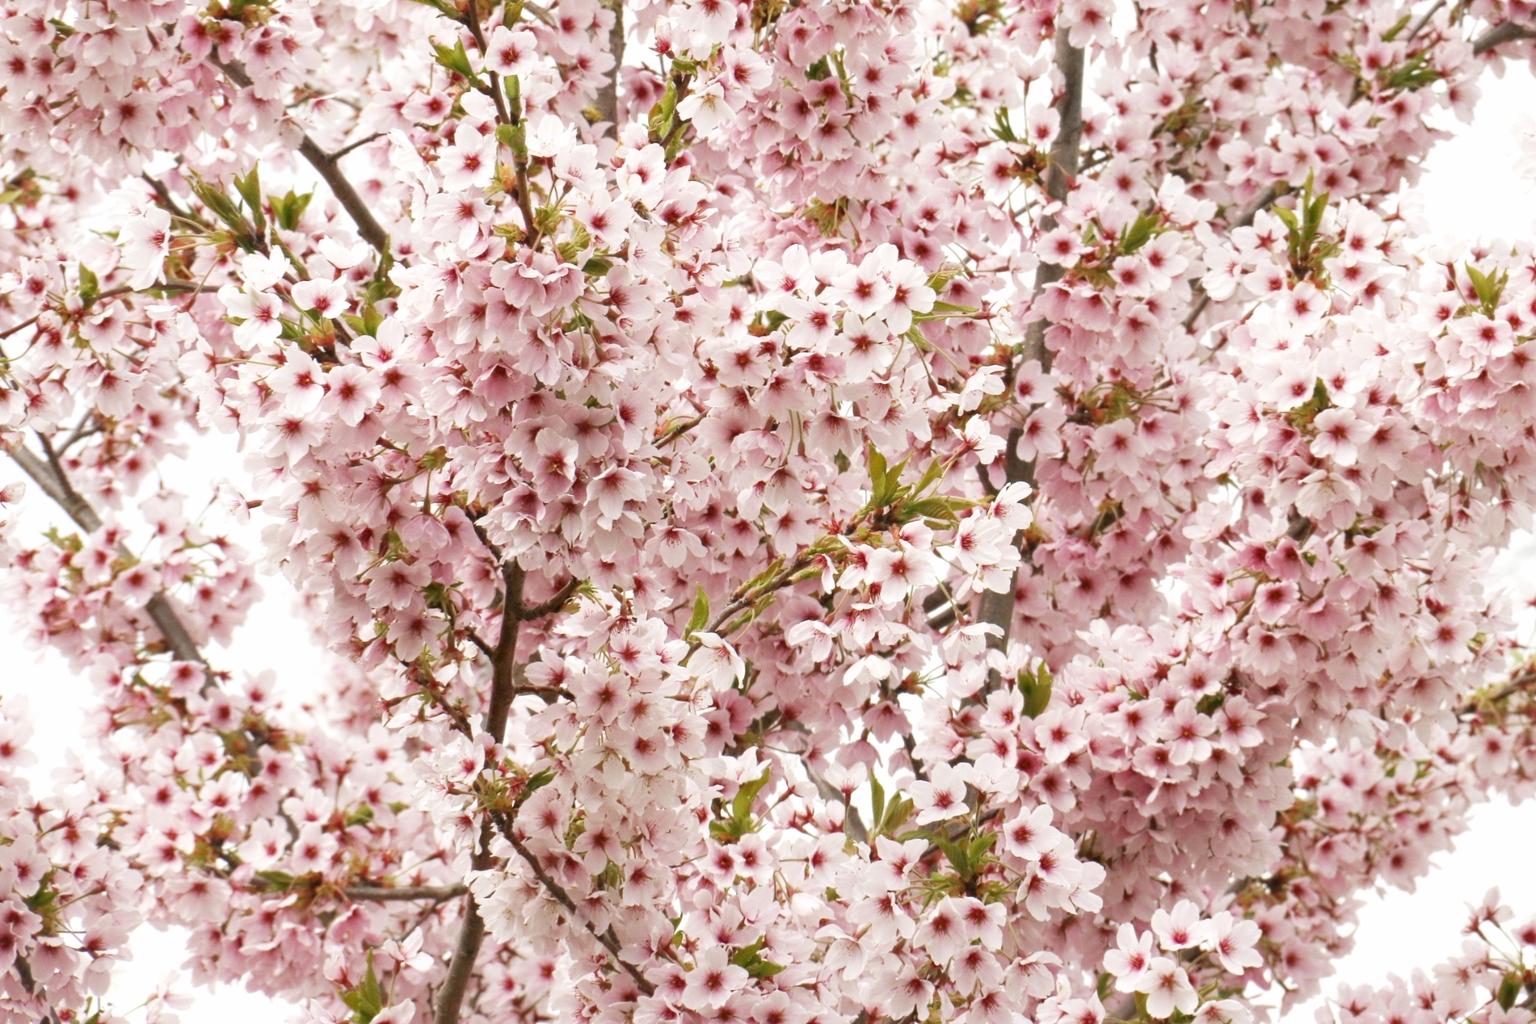 bloesem - voorjaar 2021 - foto door onne1954 op 09-04-2021 - deze foto bevat: bloem, fabriek, bloemblaadje, afdeling, takje, roze, bodembedekker, struik, bloeiende plant, gras